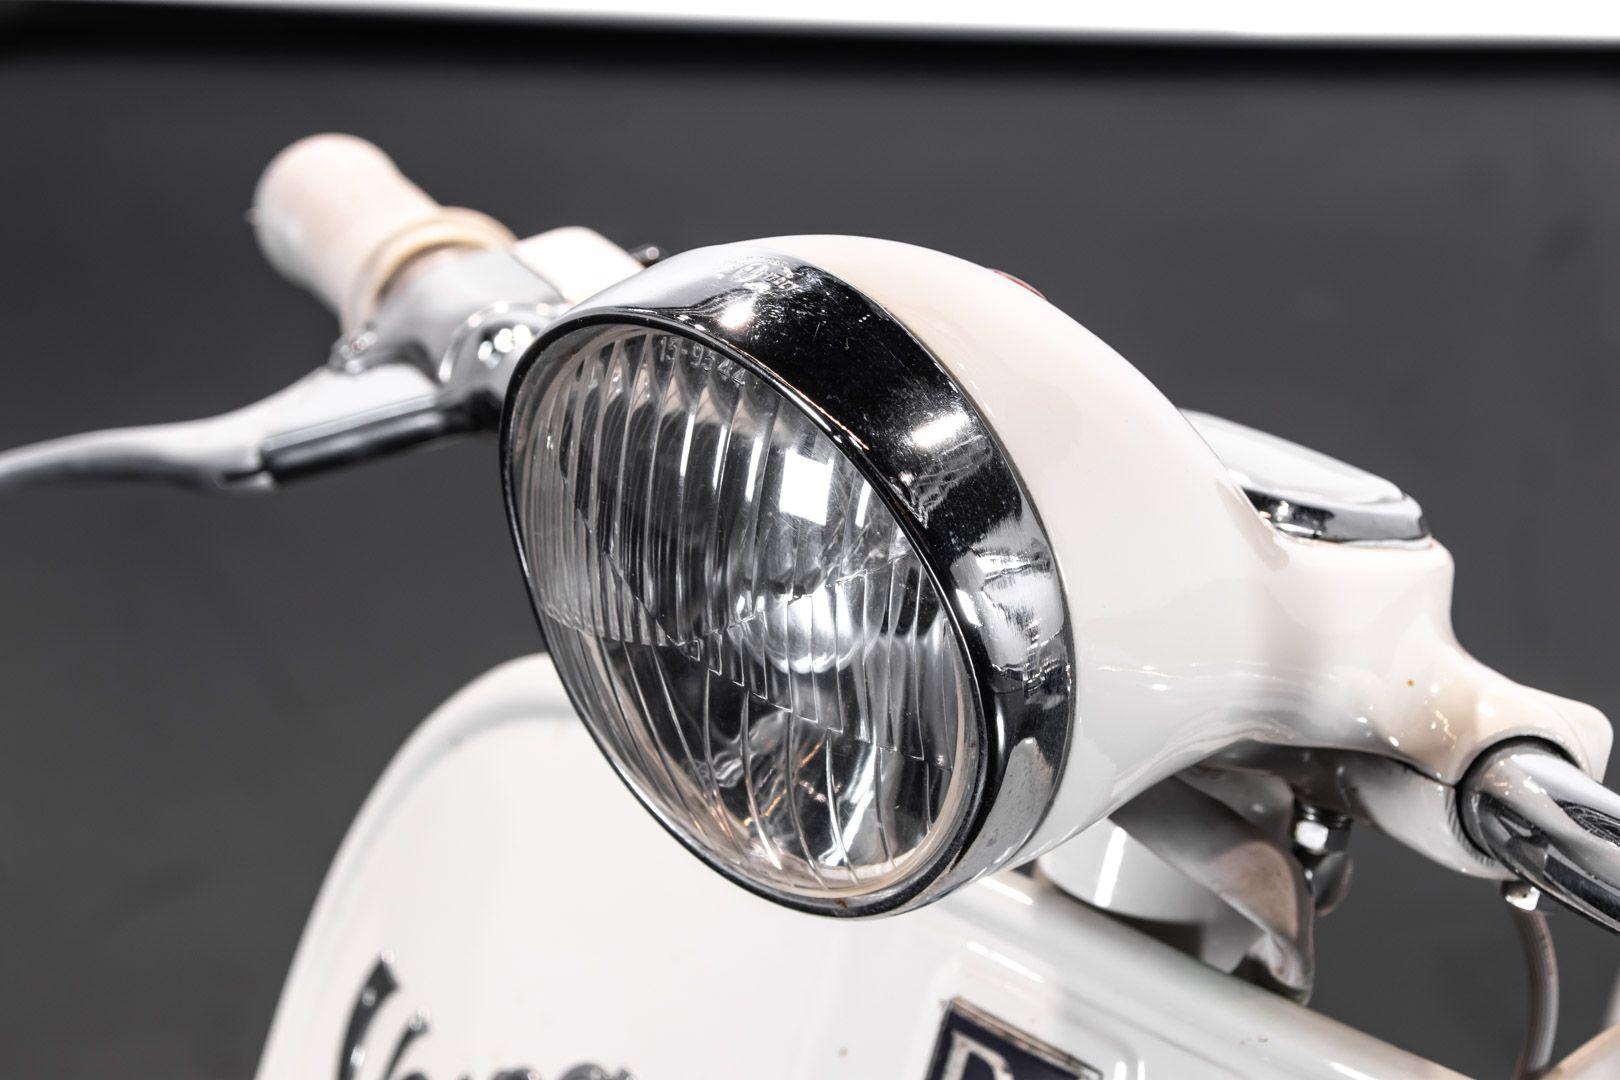 1956 Piaggio Vespa 150 VL3T 84124